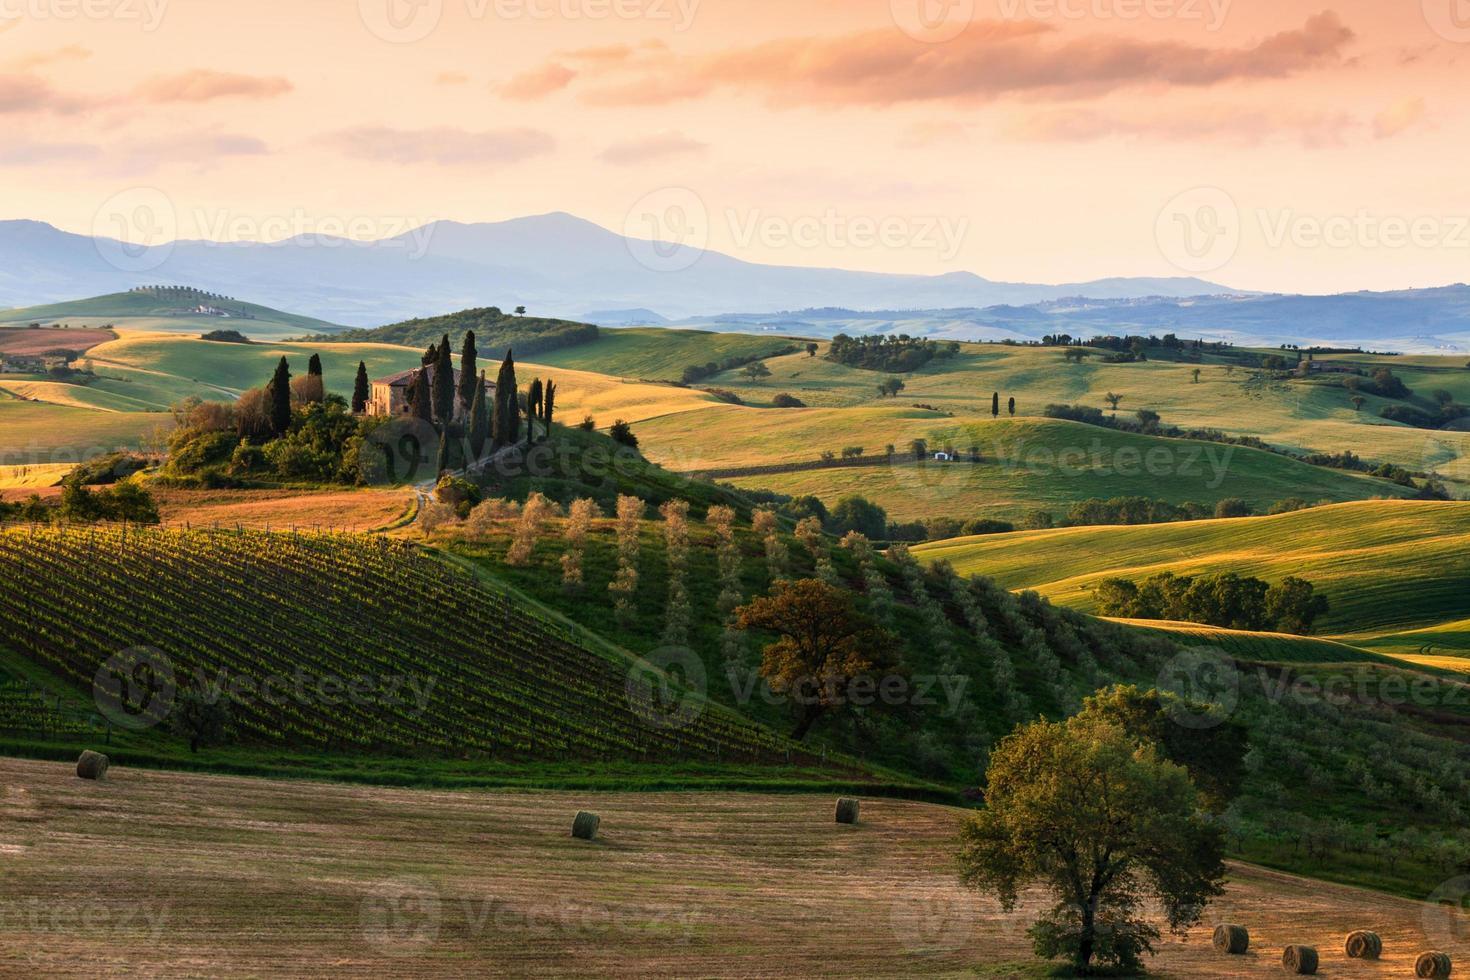 paisagem típica da Toscana foto